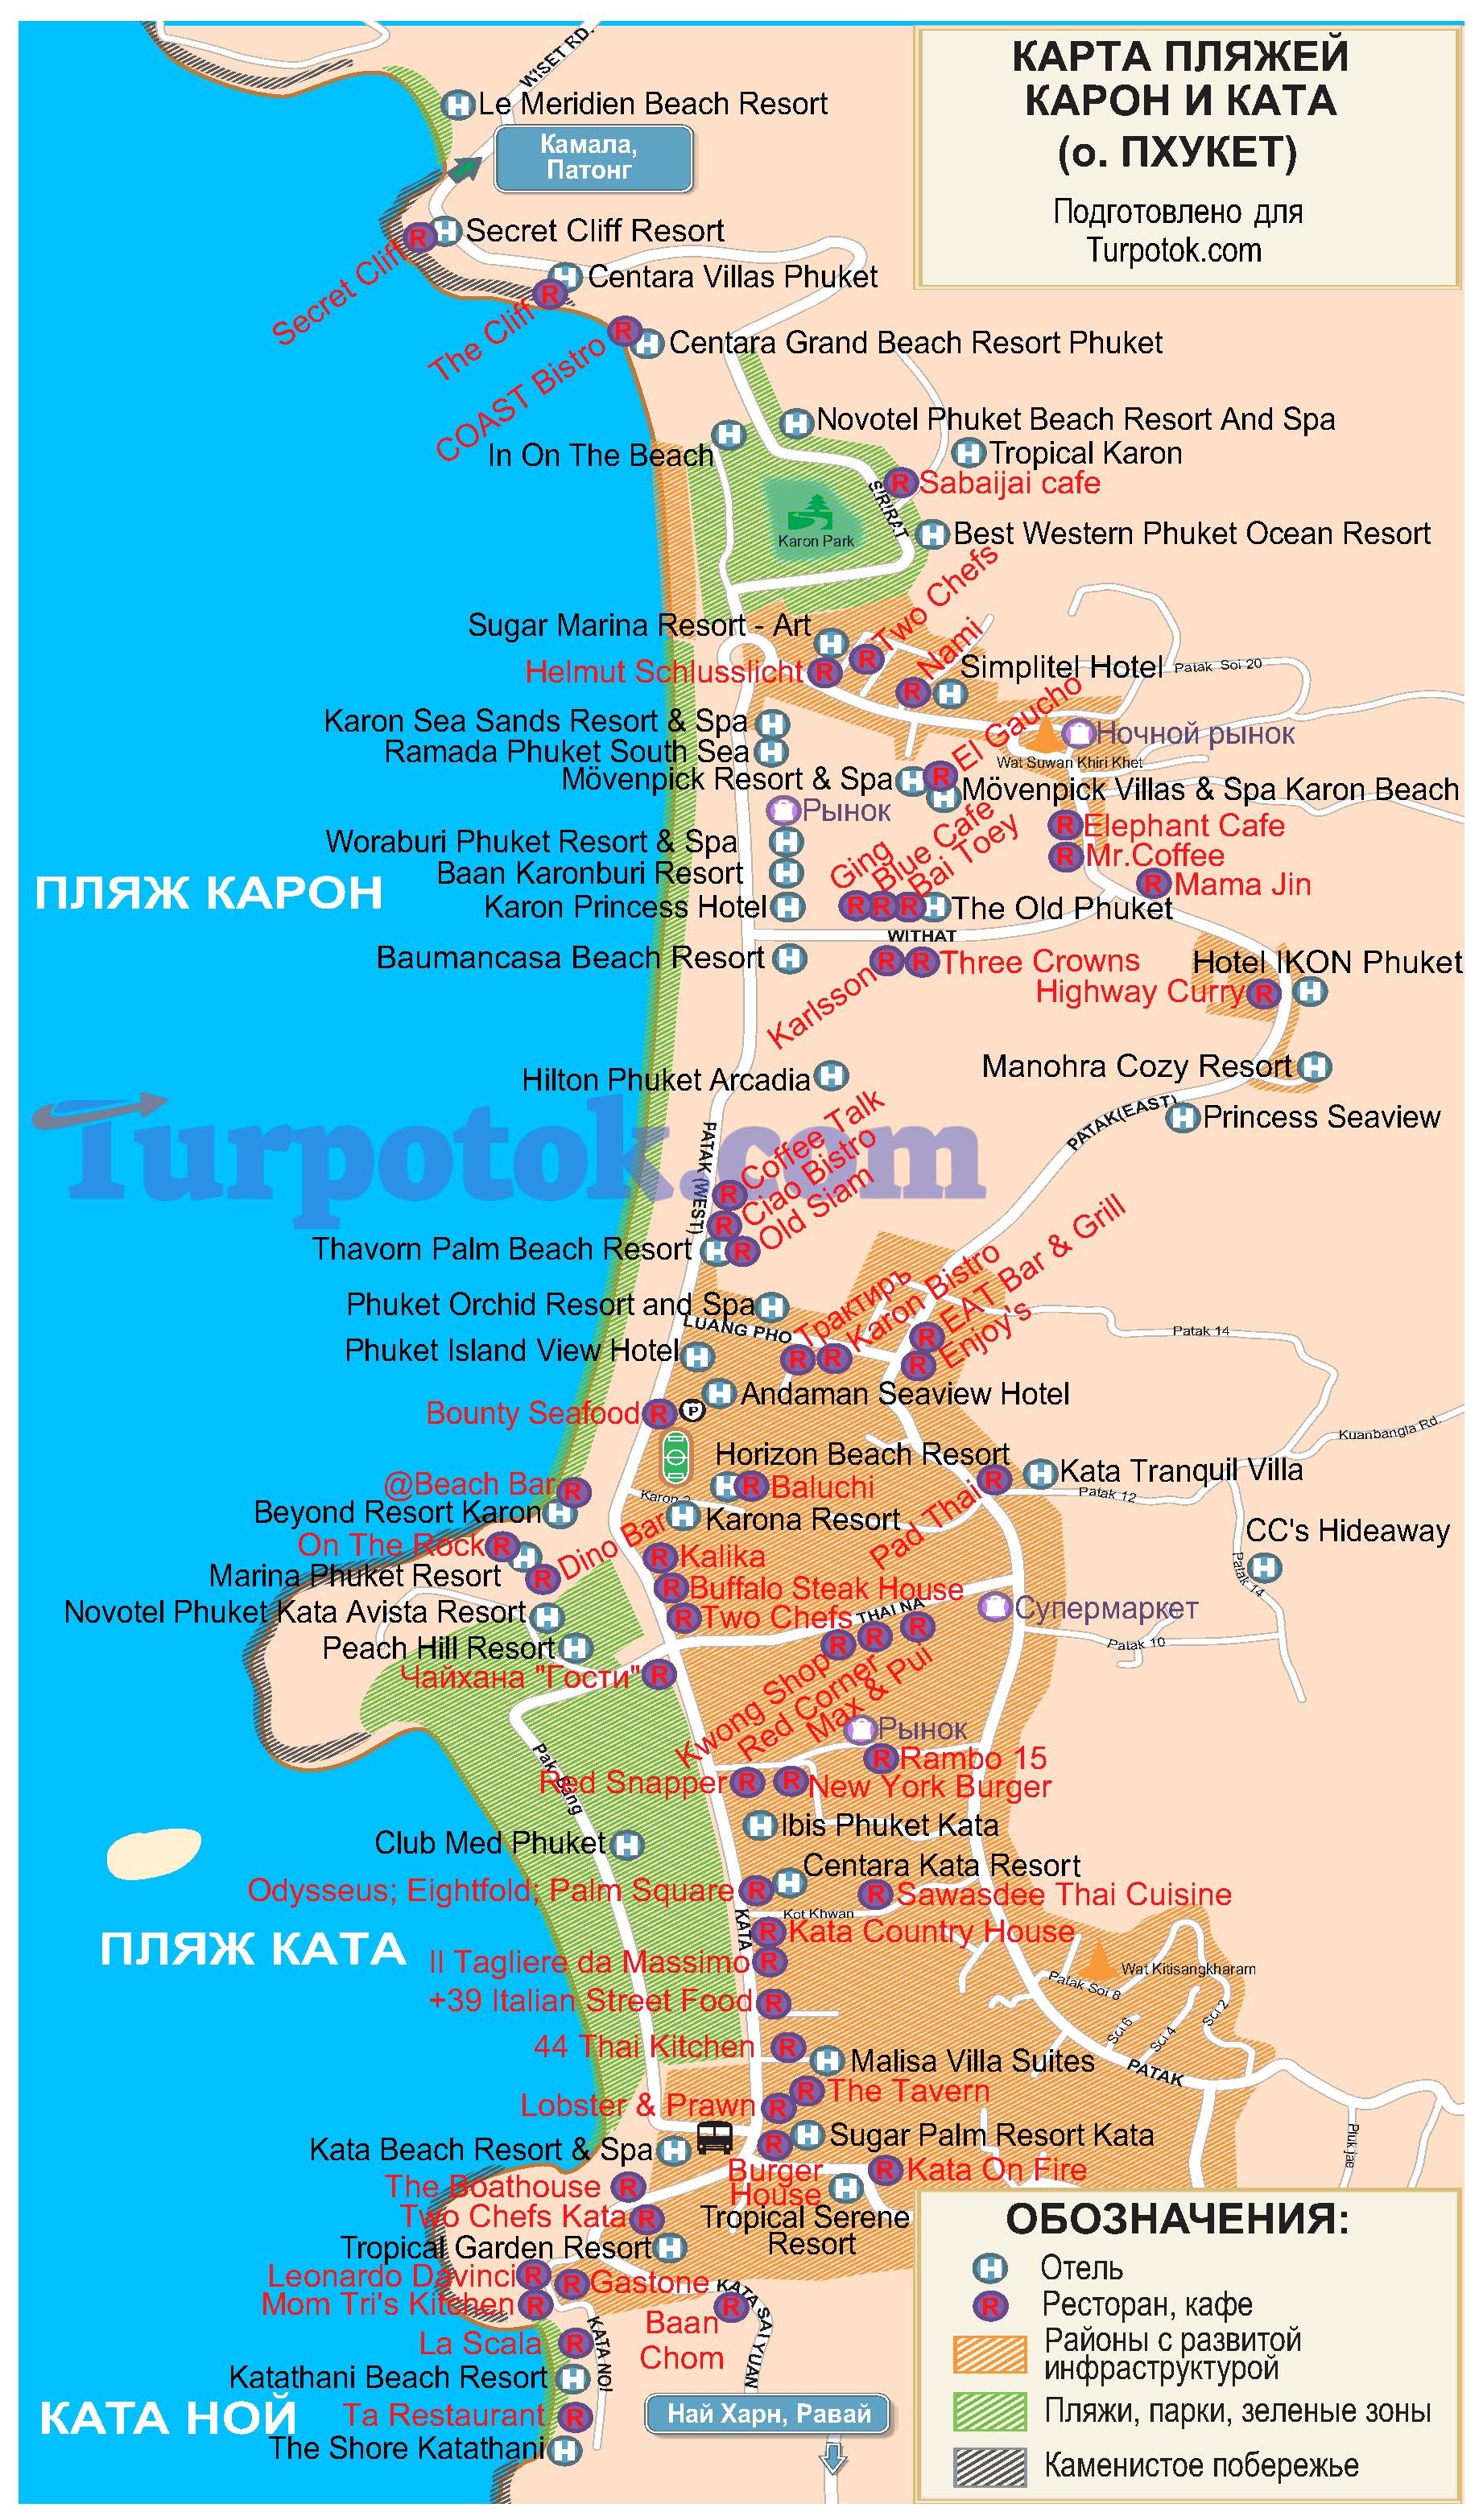 Карта с отелями и ресторанами Карона и Каты